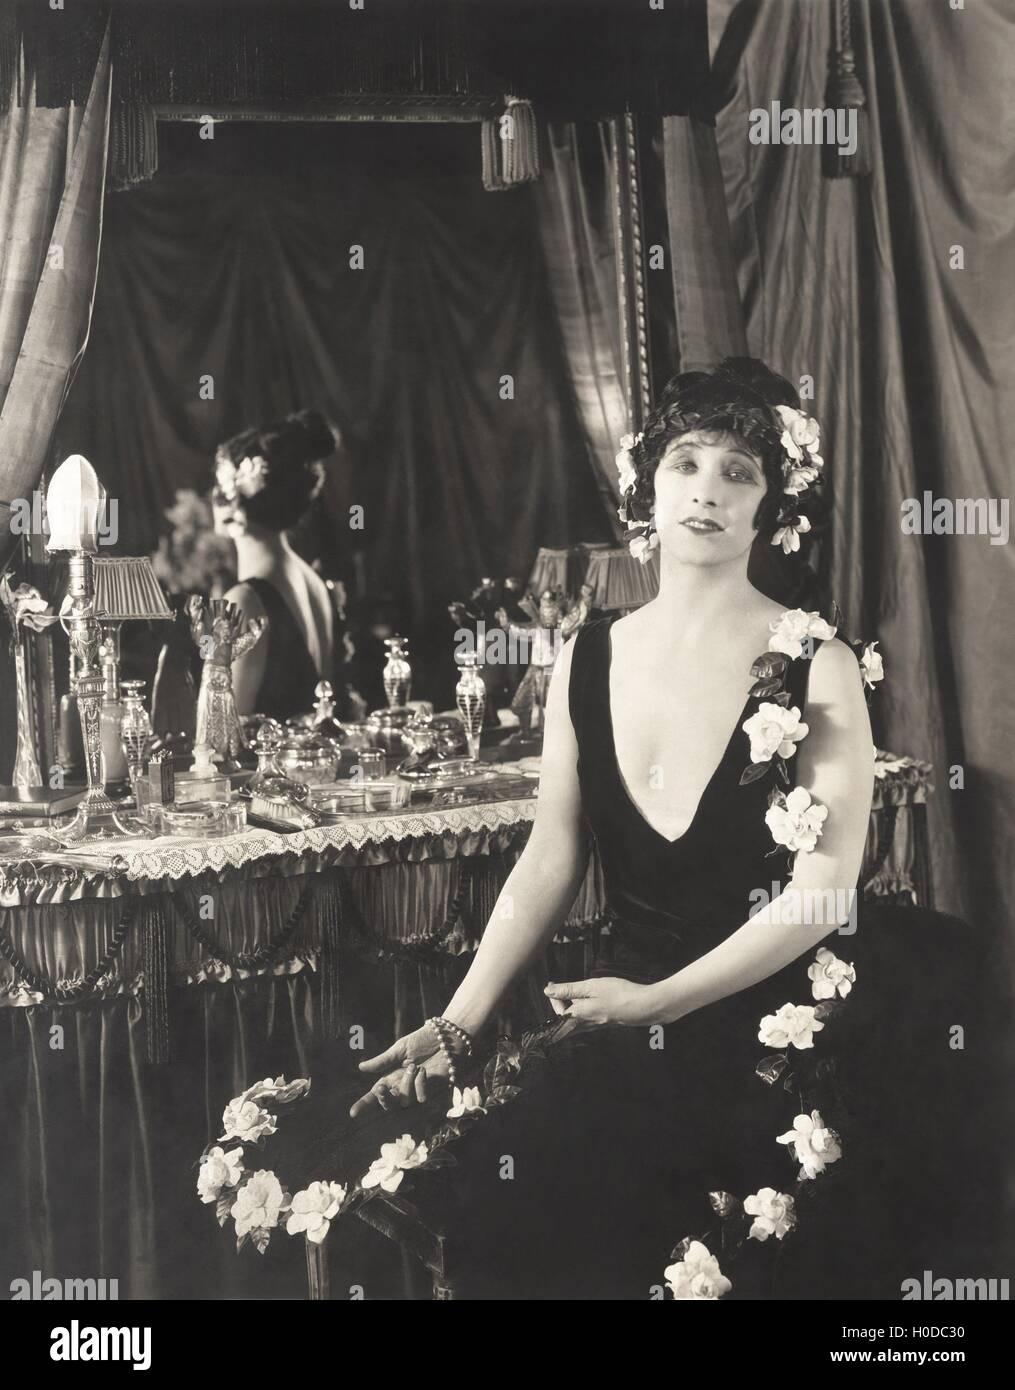 Ritratto di donna adornati con fiori seduti al tavolo Immagini Stock